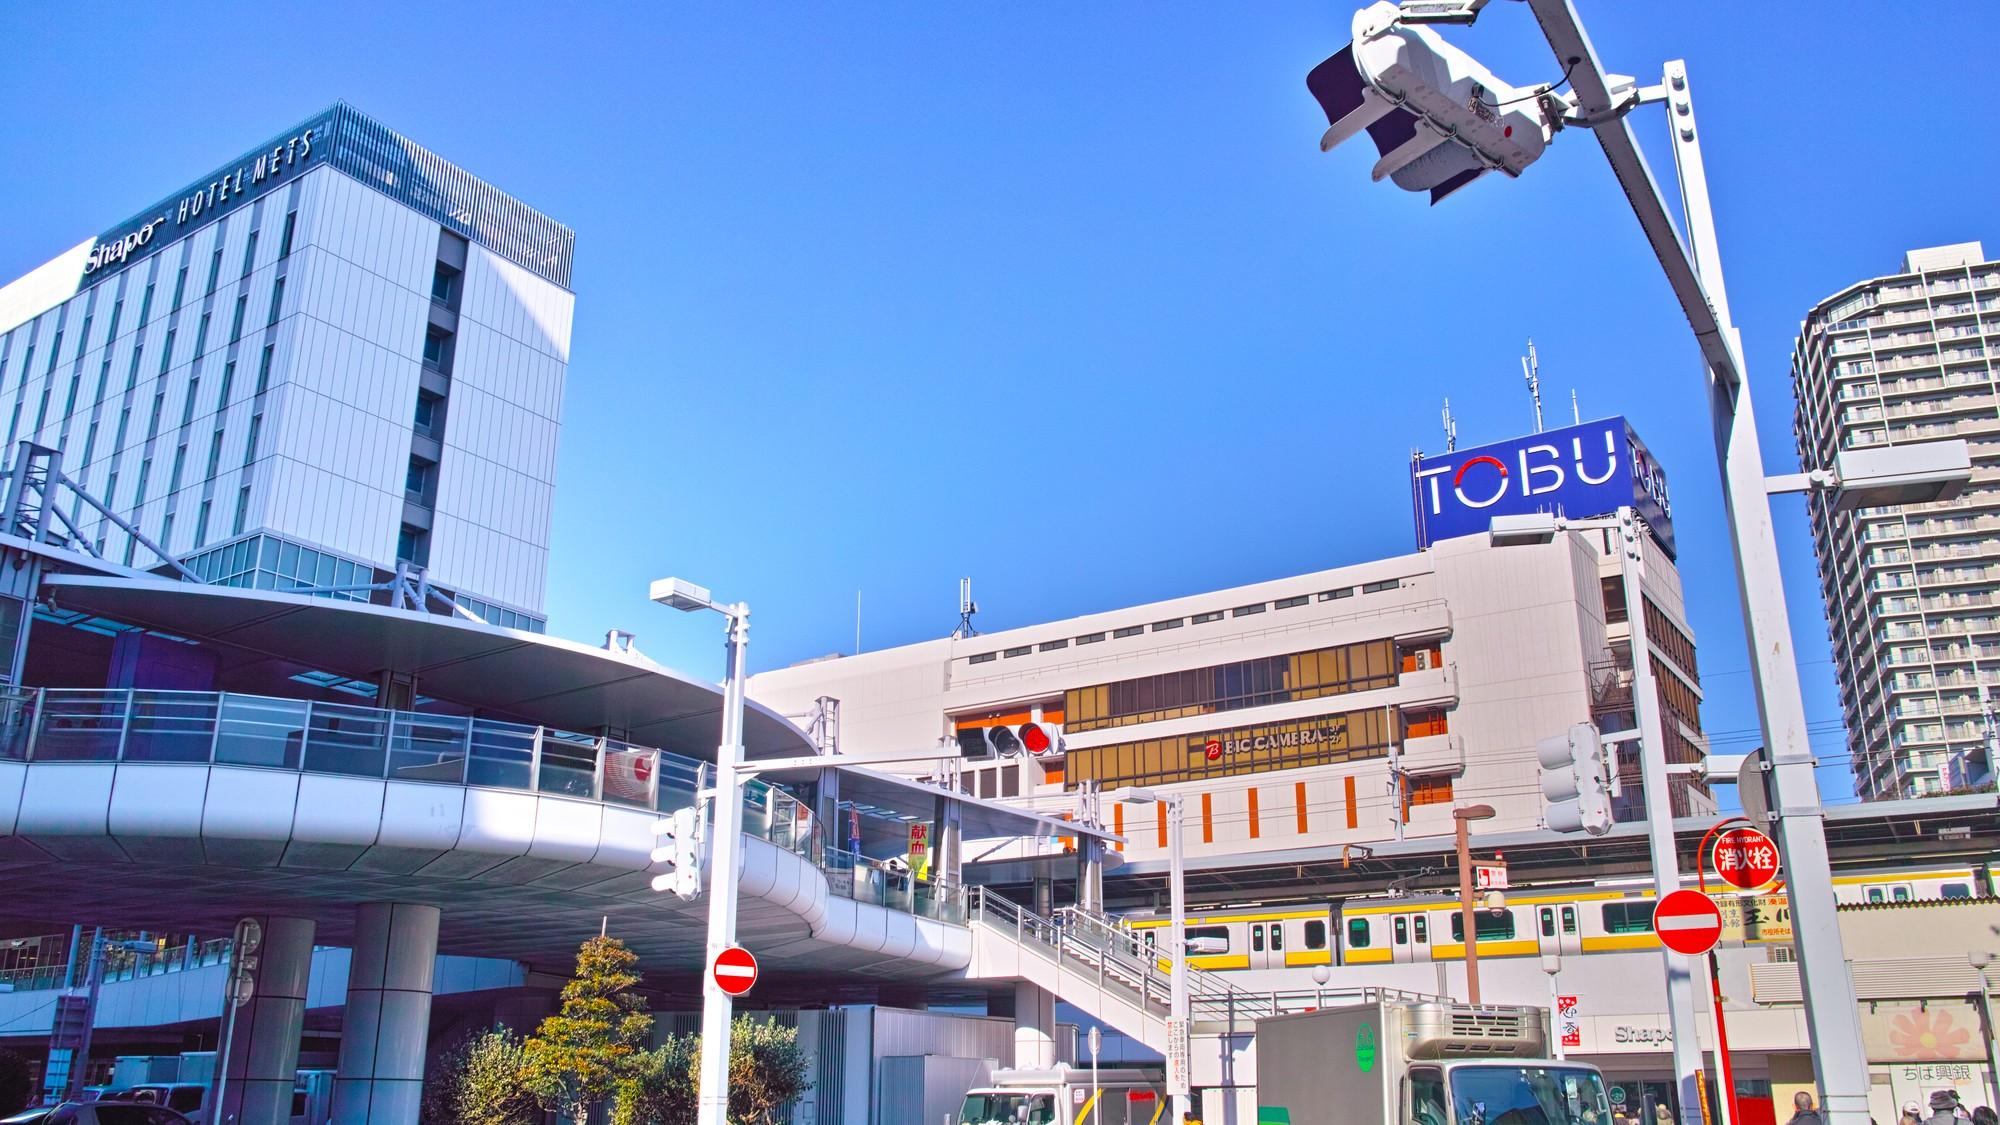 千葉・住みたい街「船橋」は、20年後も人気を持続できるか?